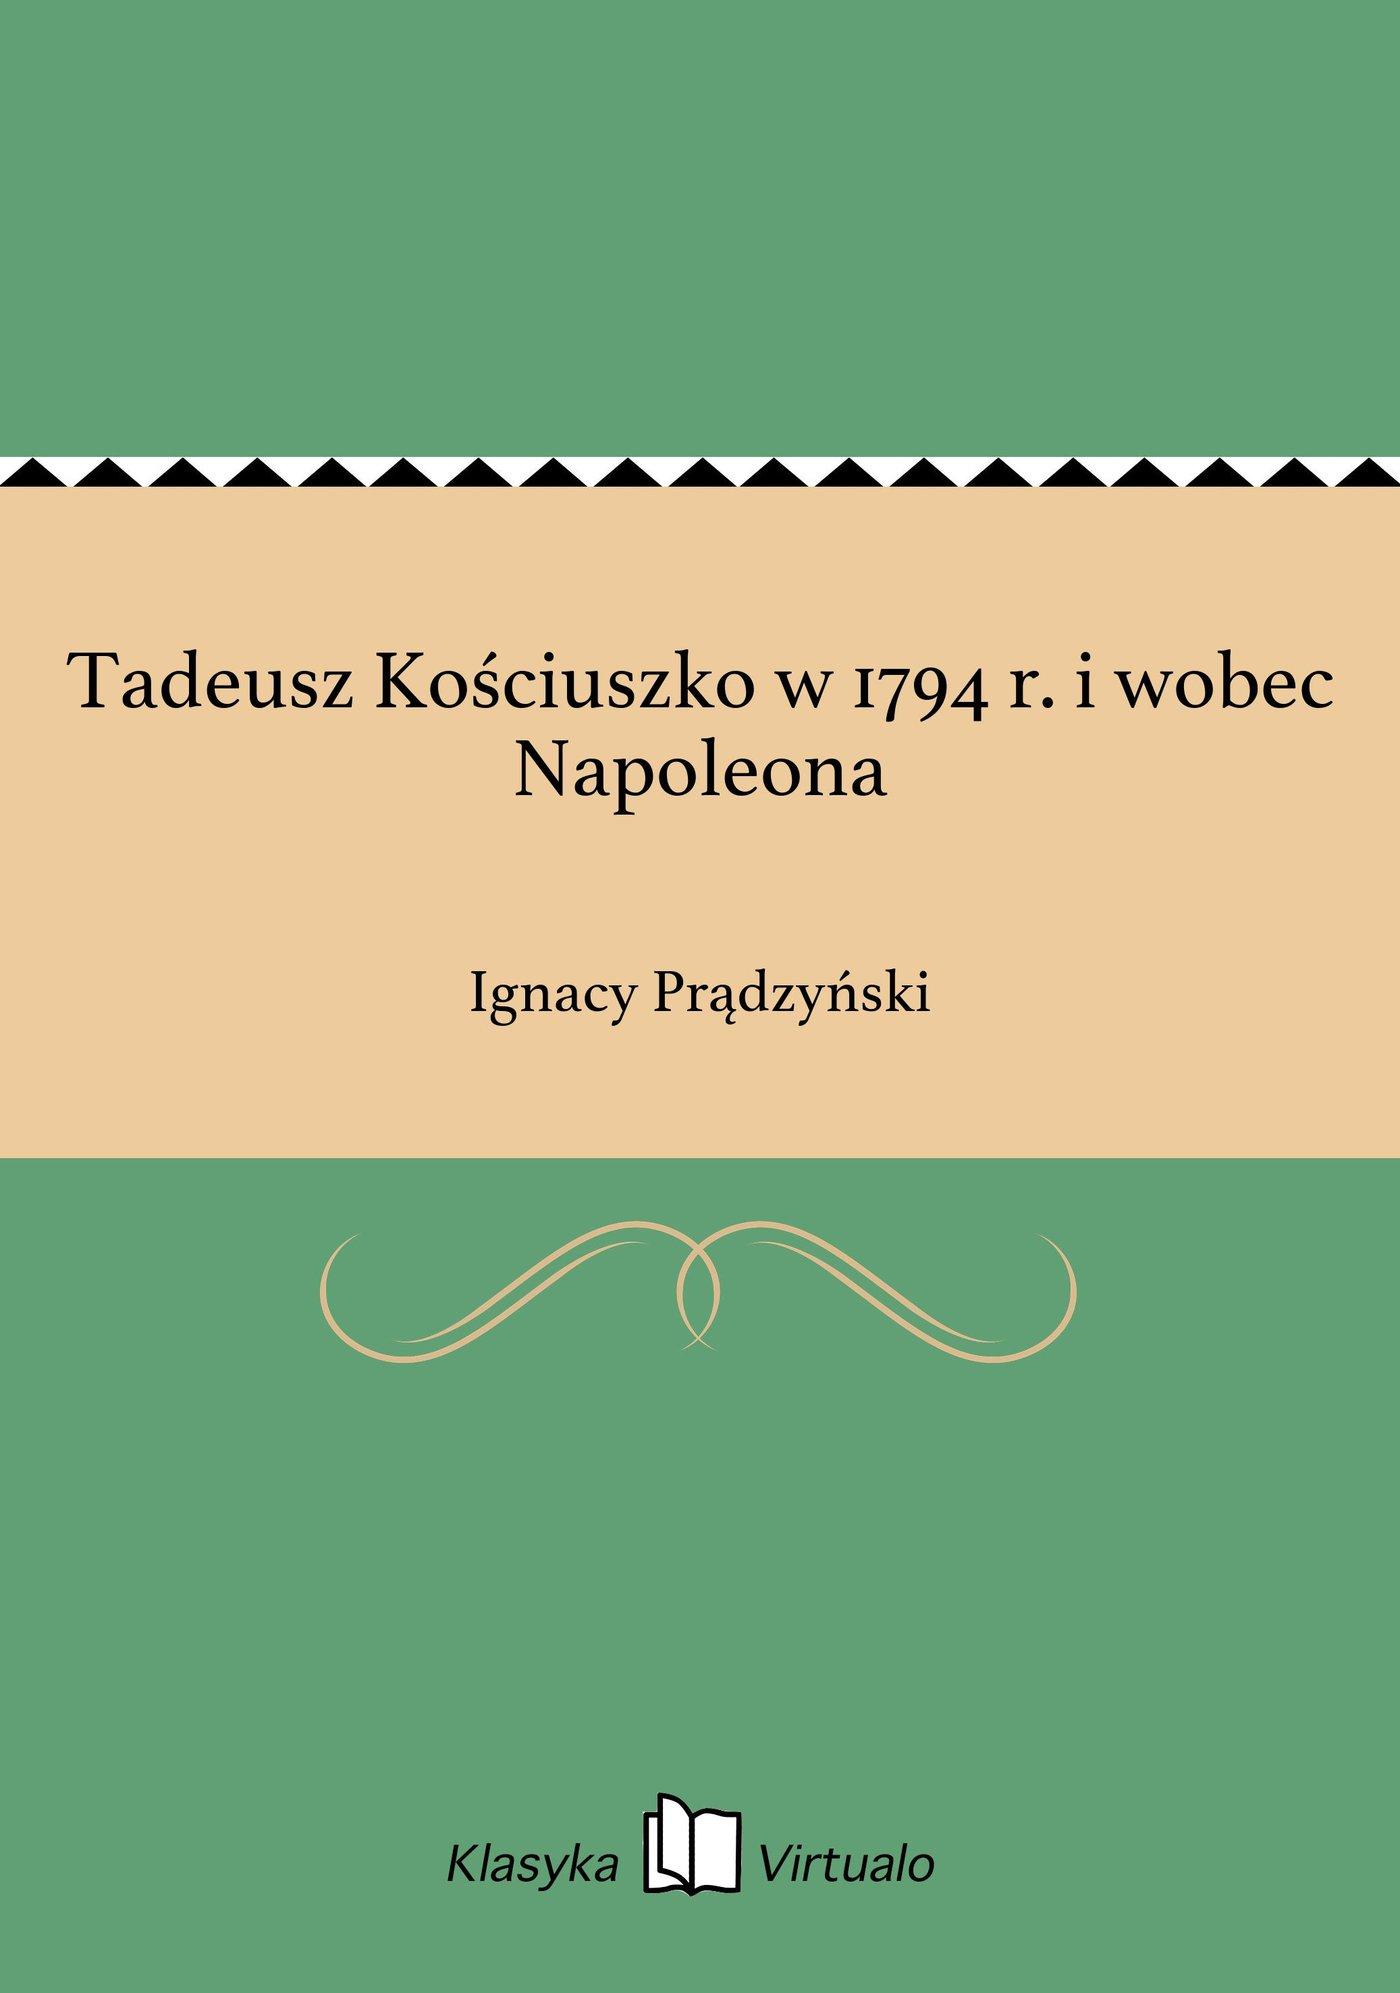 Tadeusz Kościuszko w 1794 r. i wobec Napoleona - Ebook (Książka EPUB) do pobrania w formacie EPUB